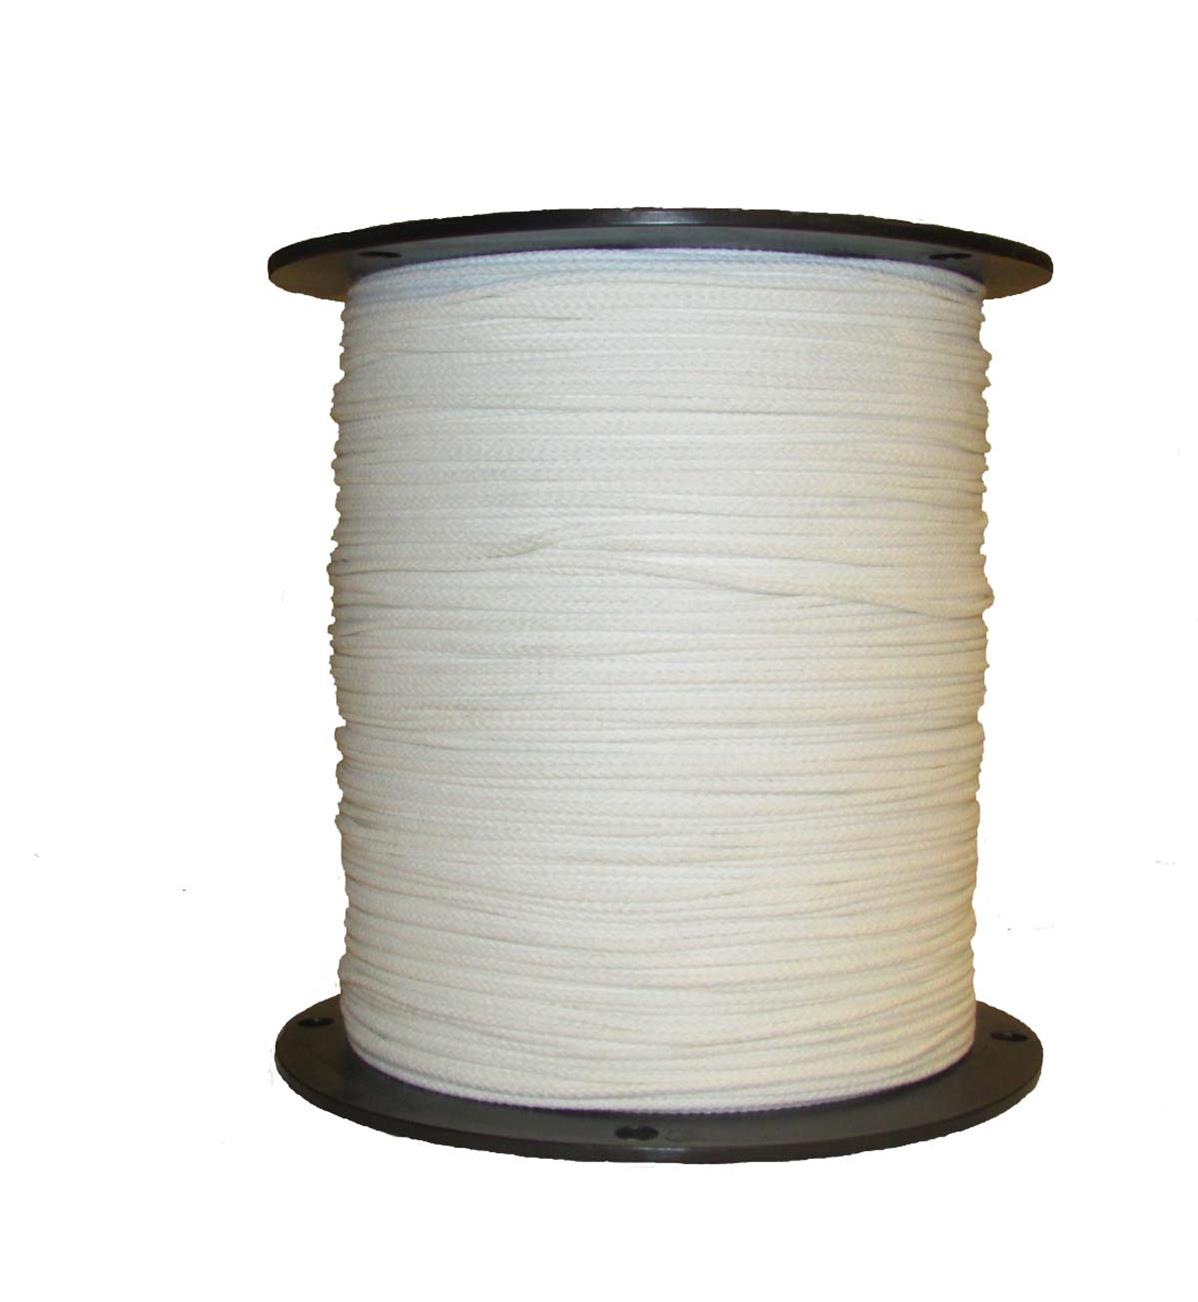 Funky Klien Tie Wire Reels Images - Electrical System Block Diagram ...